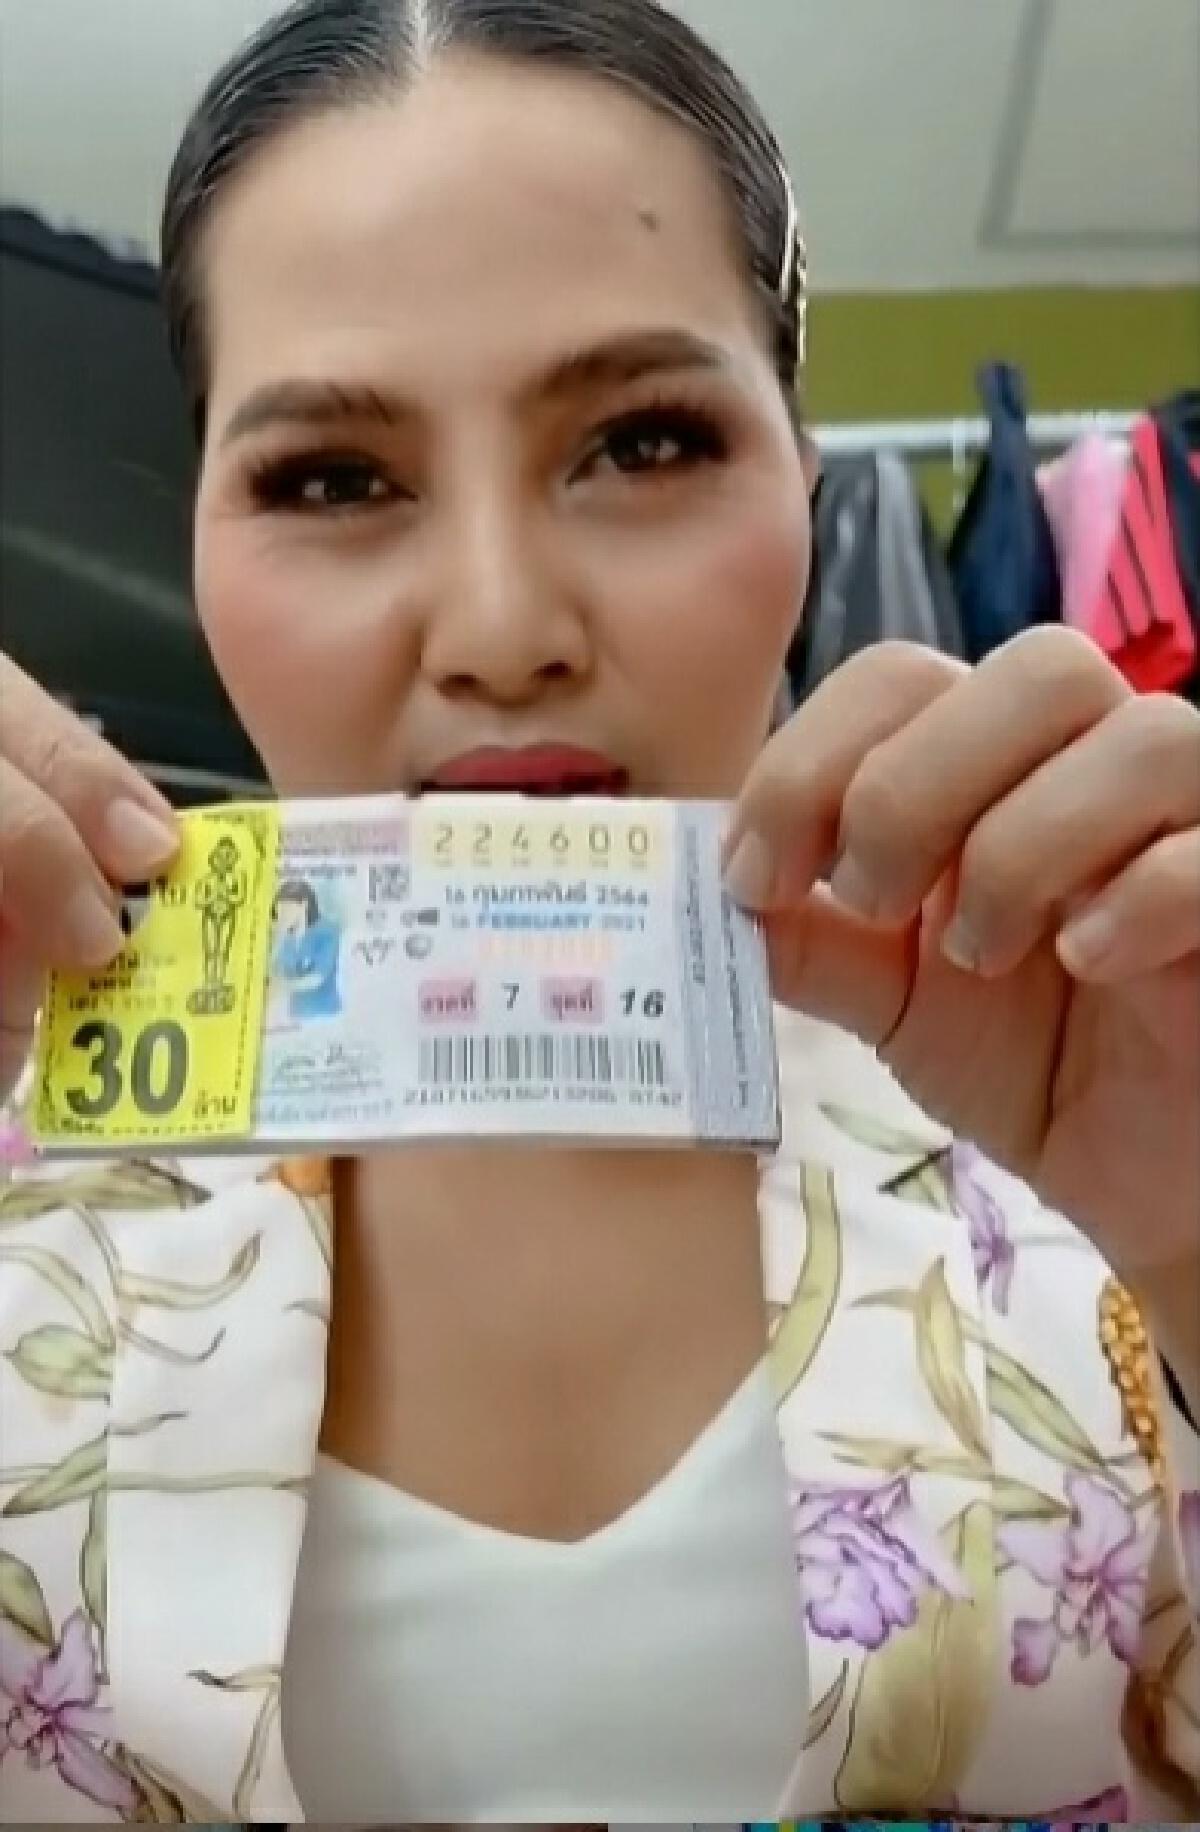 """""""สุนารี""""โชว์หวยชุด 30 ล้าน พอรู้ผลรางวัลที่1 ถึงกับลั่นทำแสบทรวงมาก"""